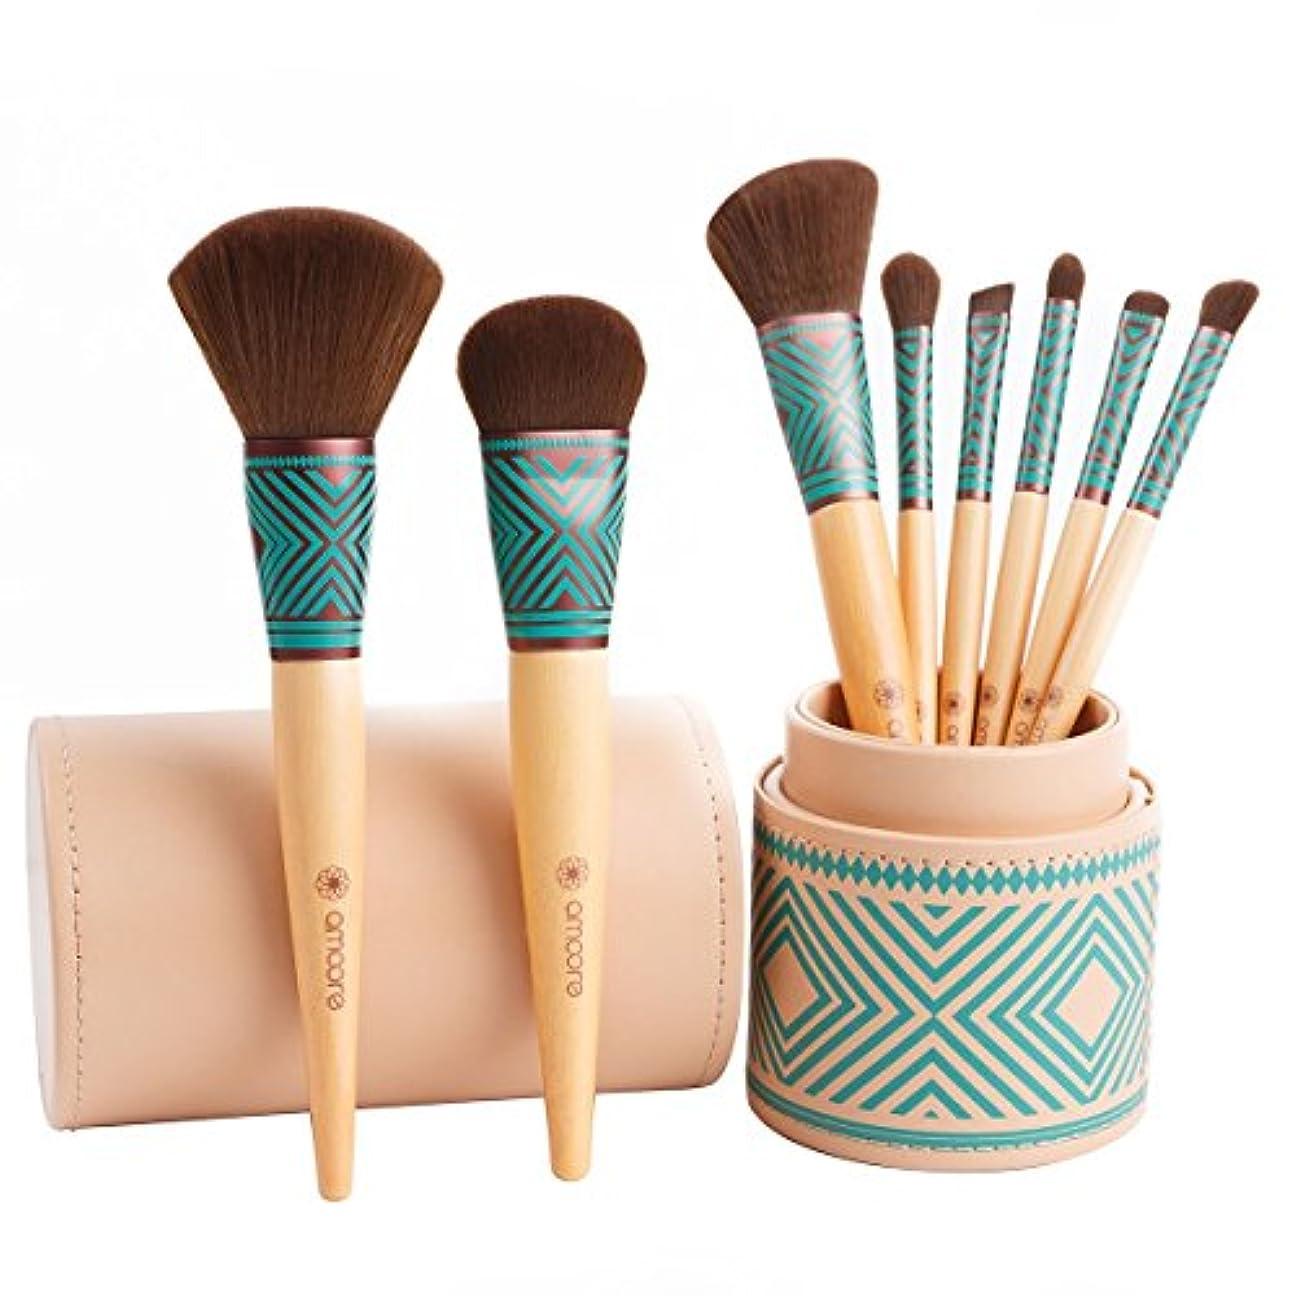 バスルーム大いに立場amoore 8本 化粧筆 メイクブラシセット 化粧ブラシ セット コスメ ブラシ 収納ケース付き